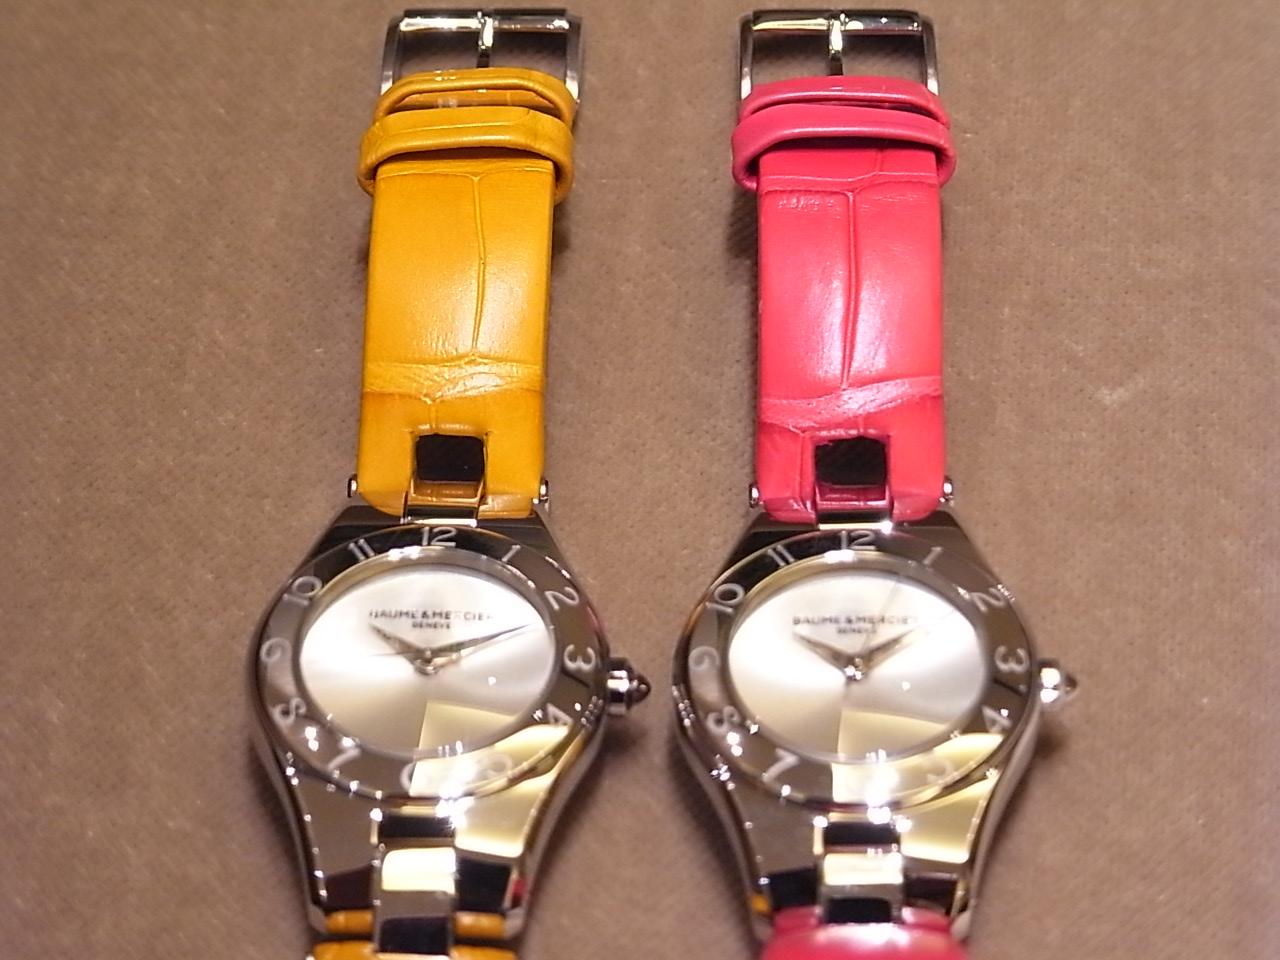 鮮やかな限定カラーのストラップが印象的な、ボーム&メルシエのレディスモデル「リネアクオーツ ピンク&イエロー」。